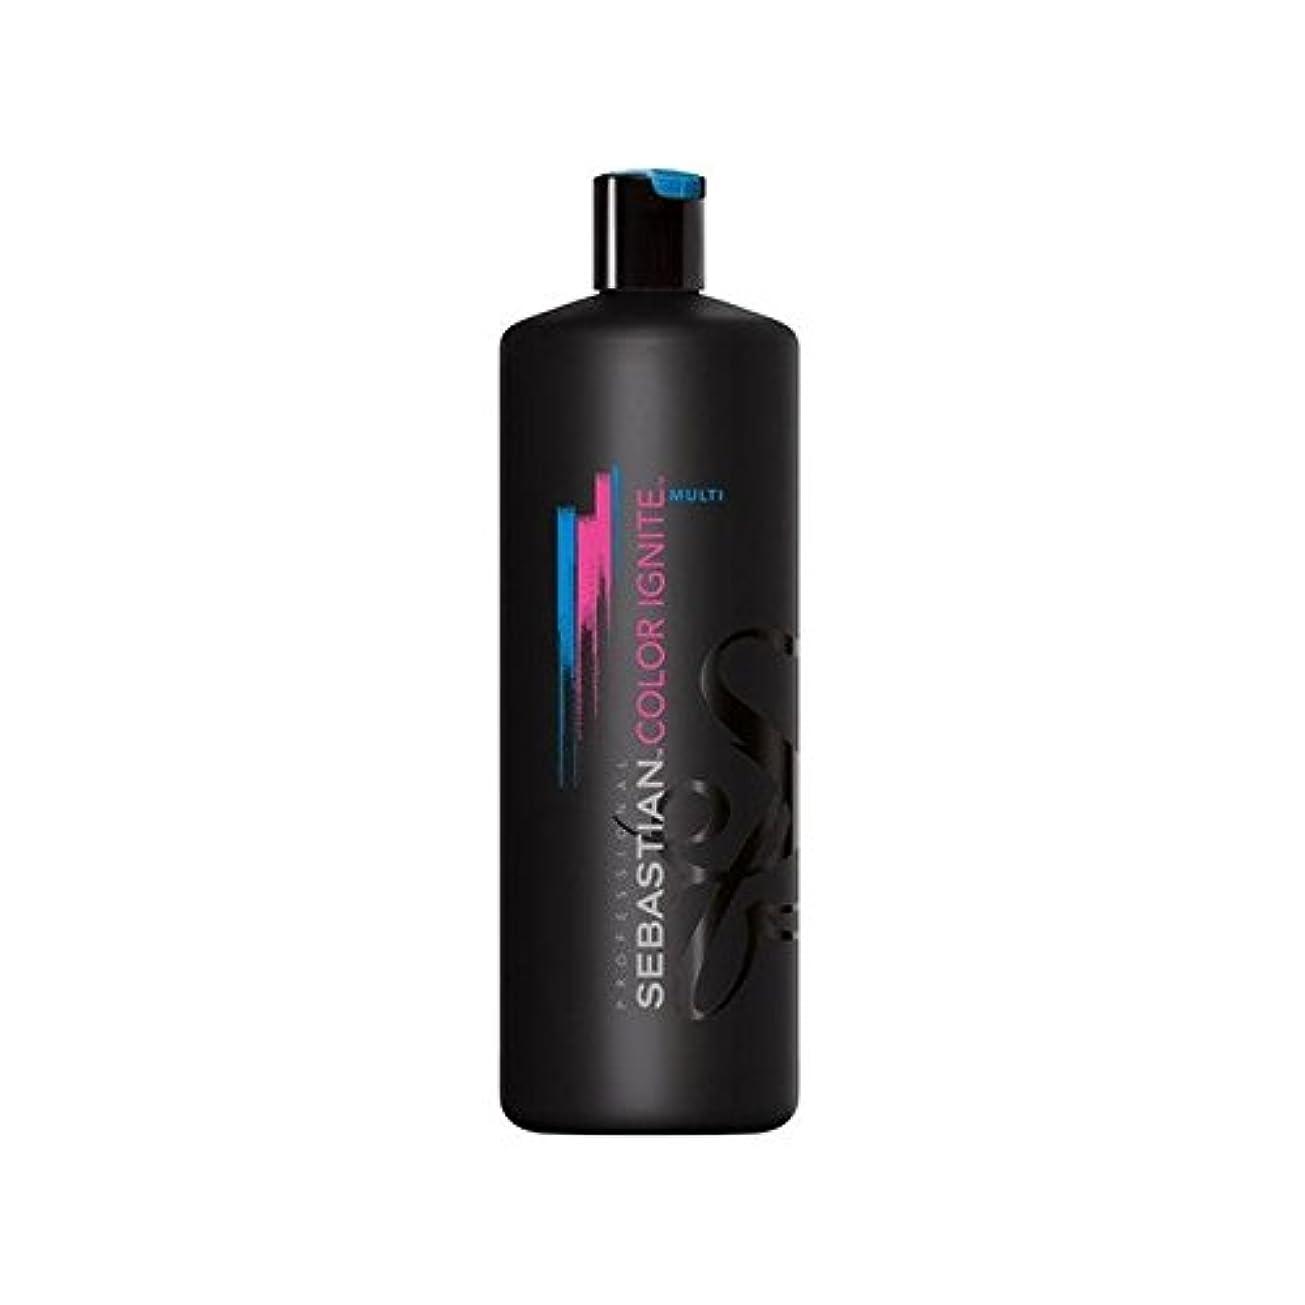 啓示ドーム組み込むセバスチャン?プロカラーマルチシャンプー(千ミリリットル)を発火させます x4 - Sebastian Professional Color Ignite Multi Shampoo (1000ml) (Pack of 4) [並行輸入品]